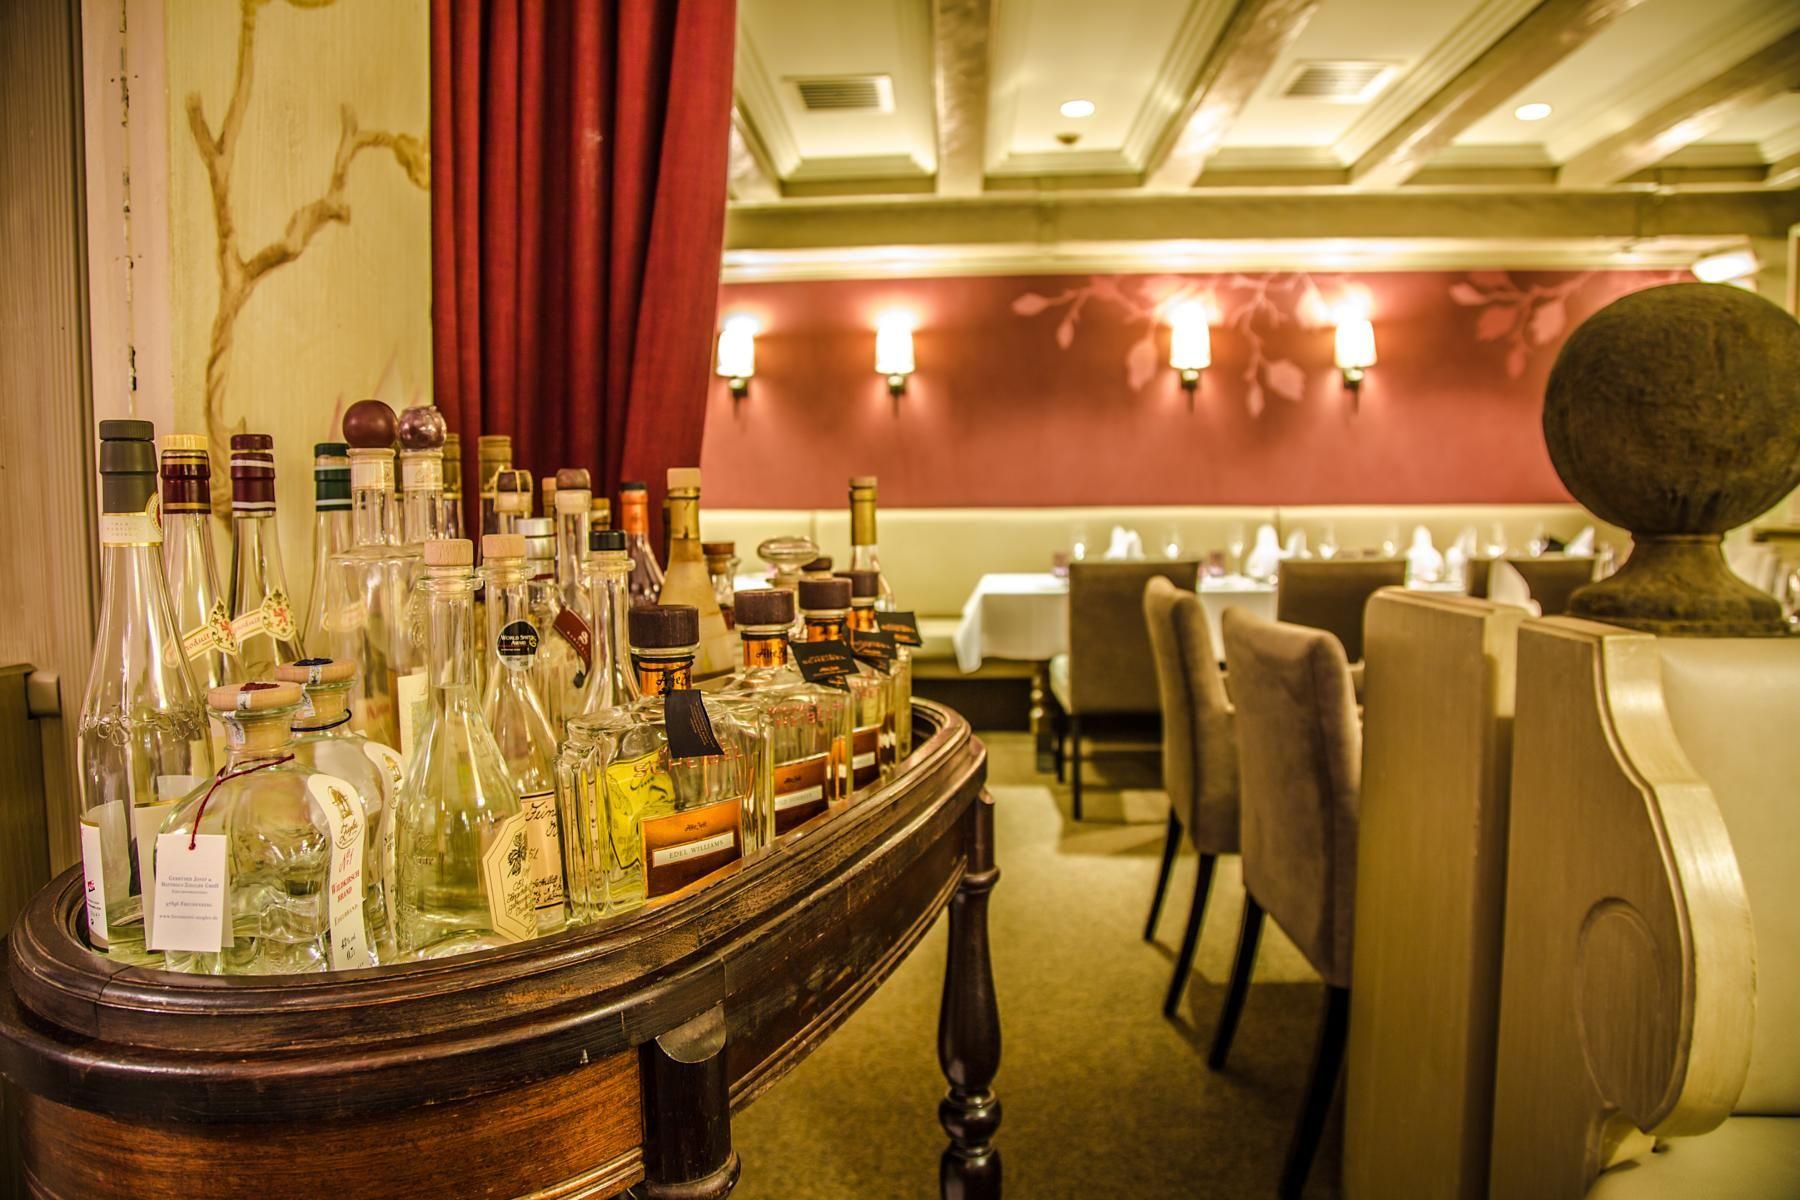 Das Waitz in Mühlheim - ein elegantes Abendrestaurant mit gediegener Atmosphäre und gehobener internationaler Küche